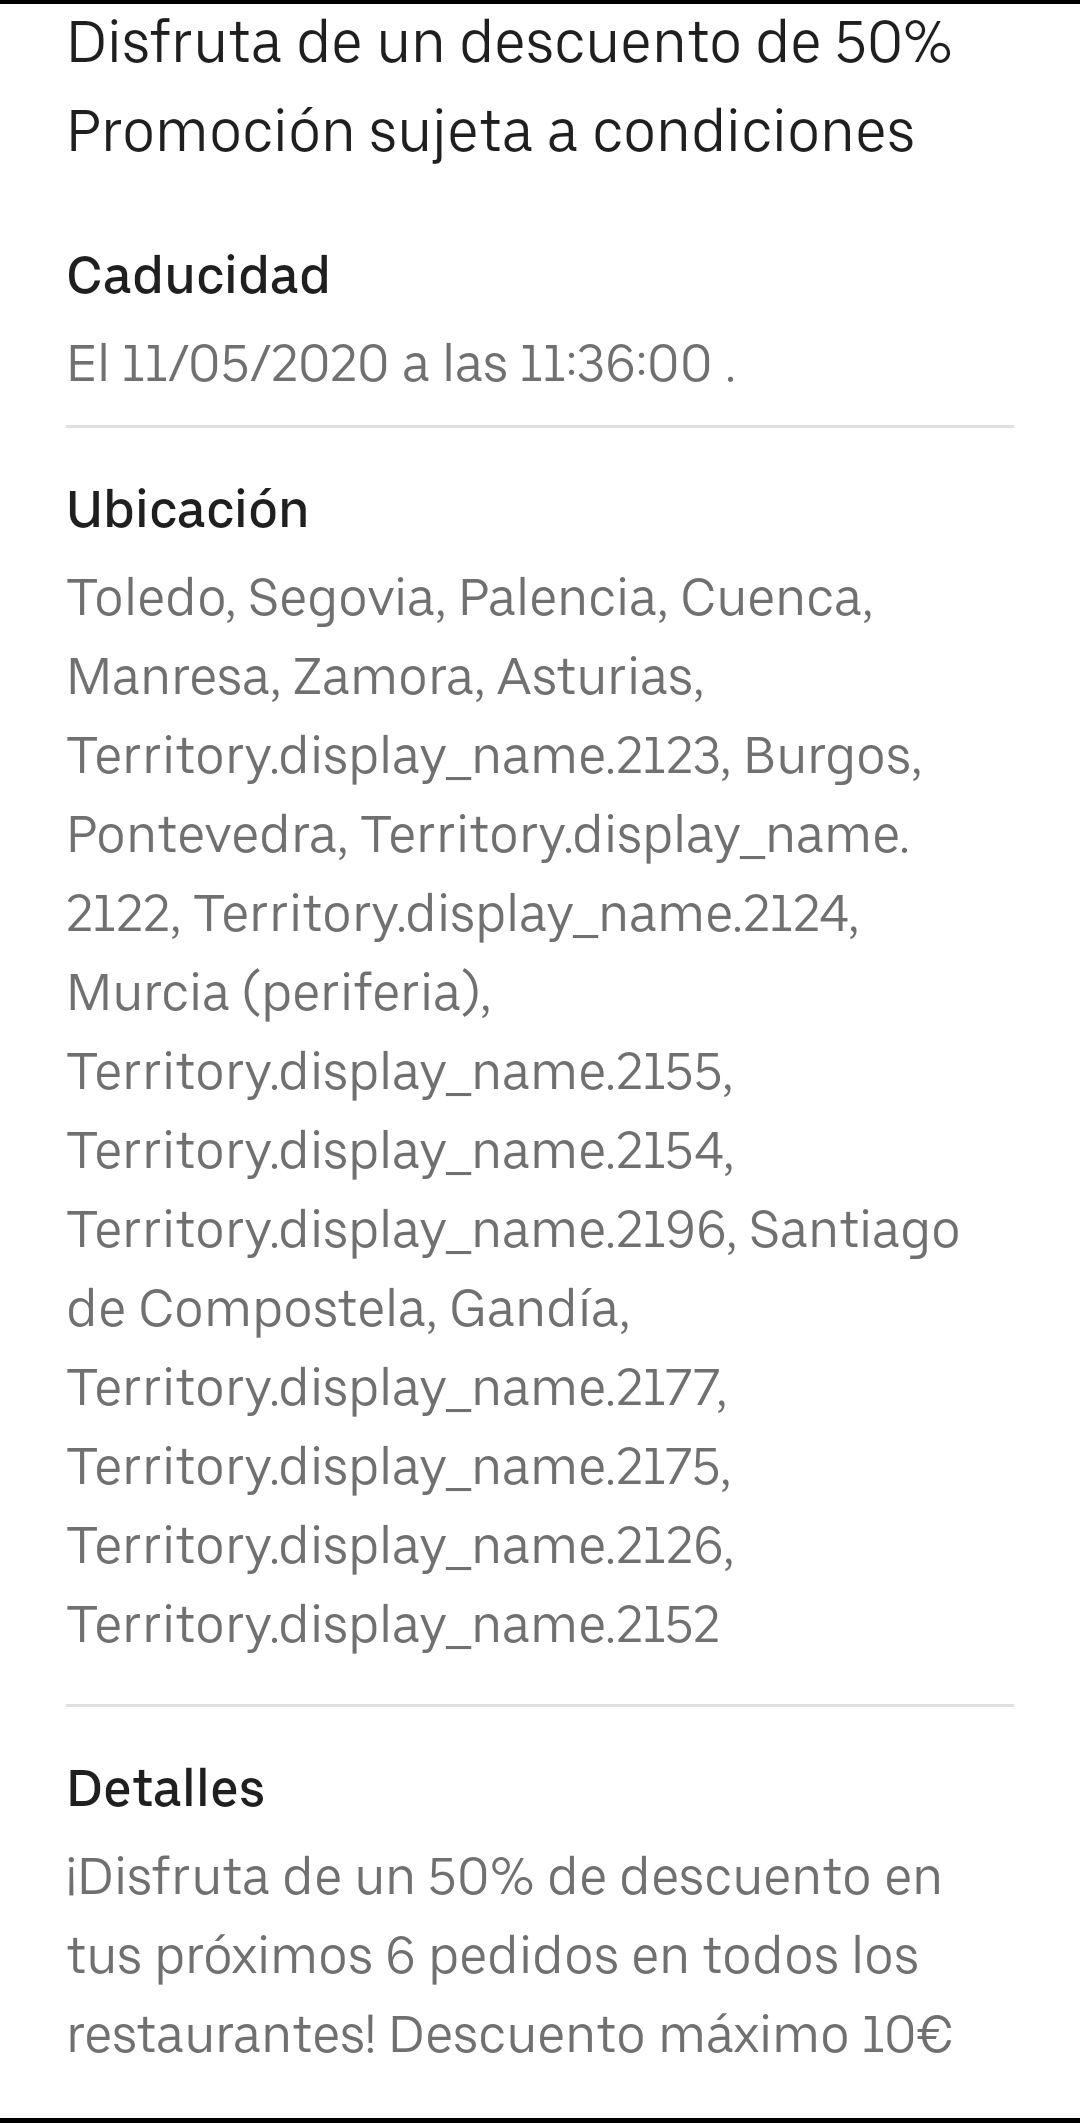 3194555-UABDg.jpg